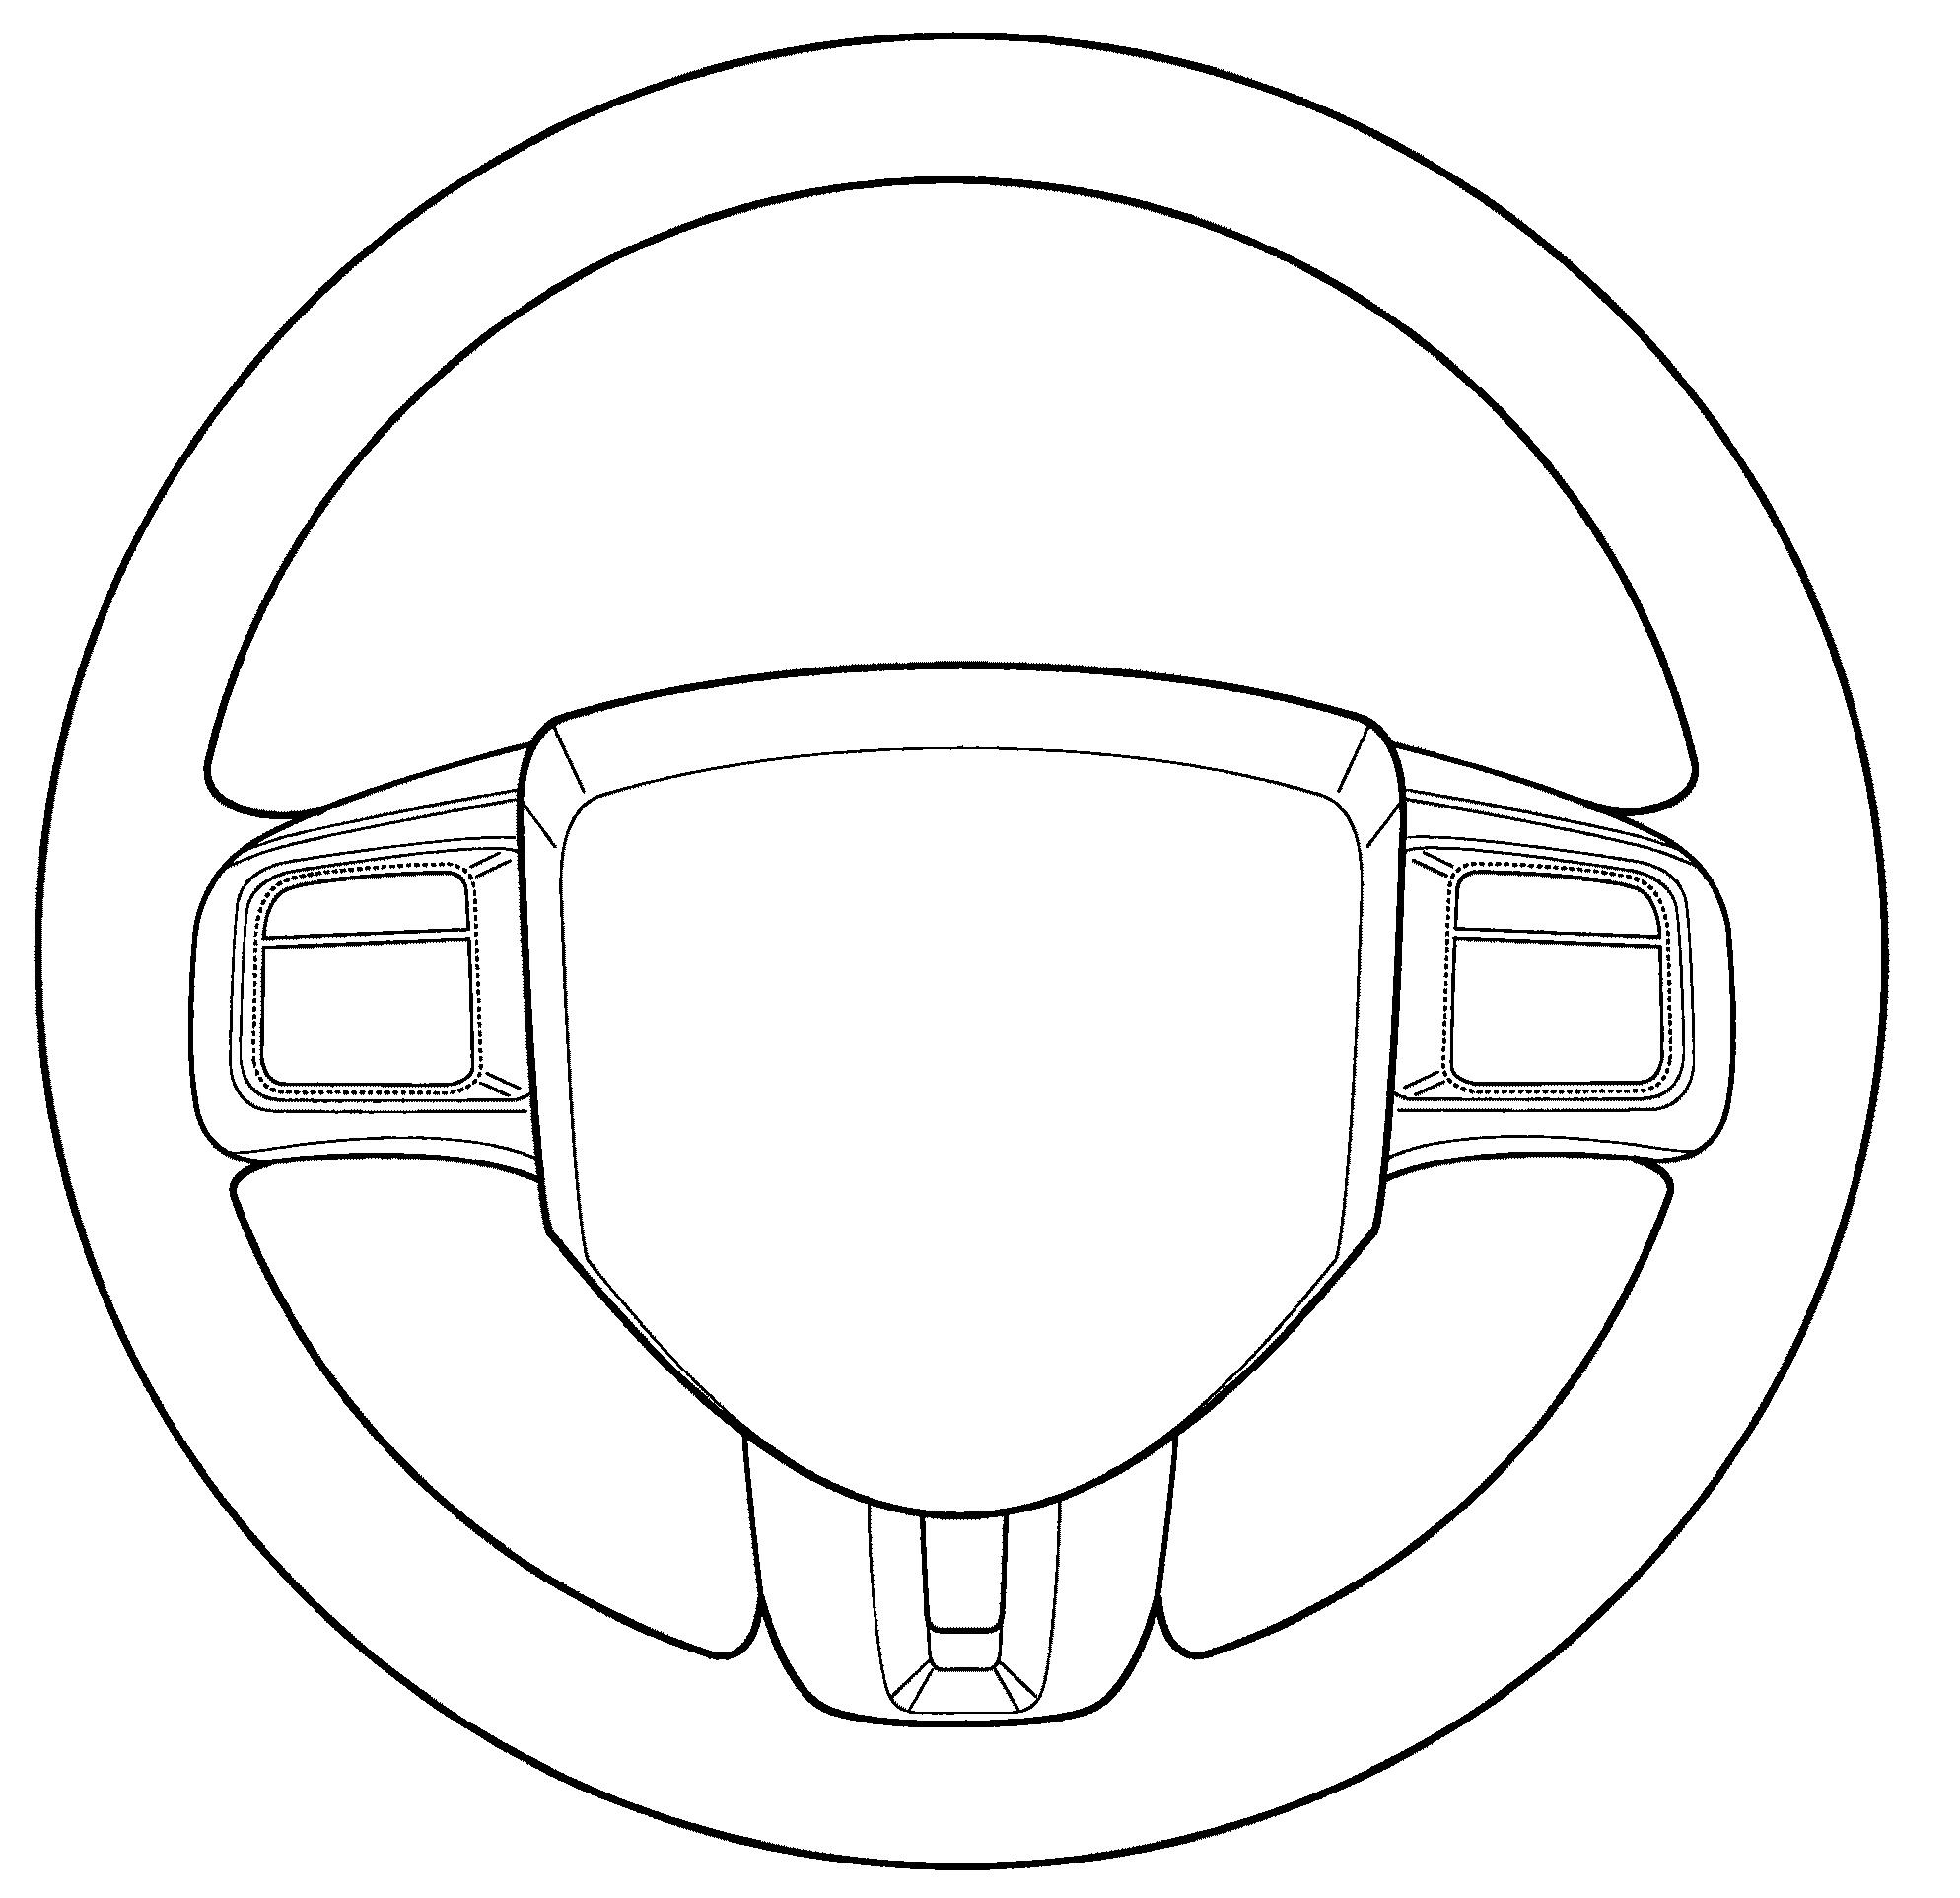 2006 Cadillac Cts Fuse Box Diagram Wiring Diagrams